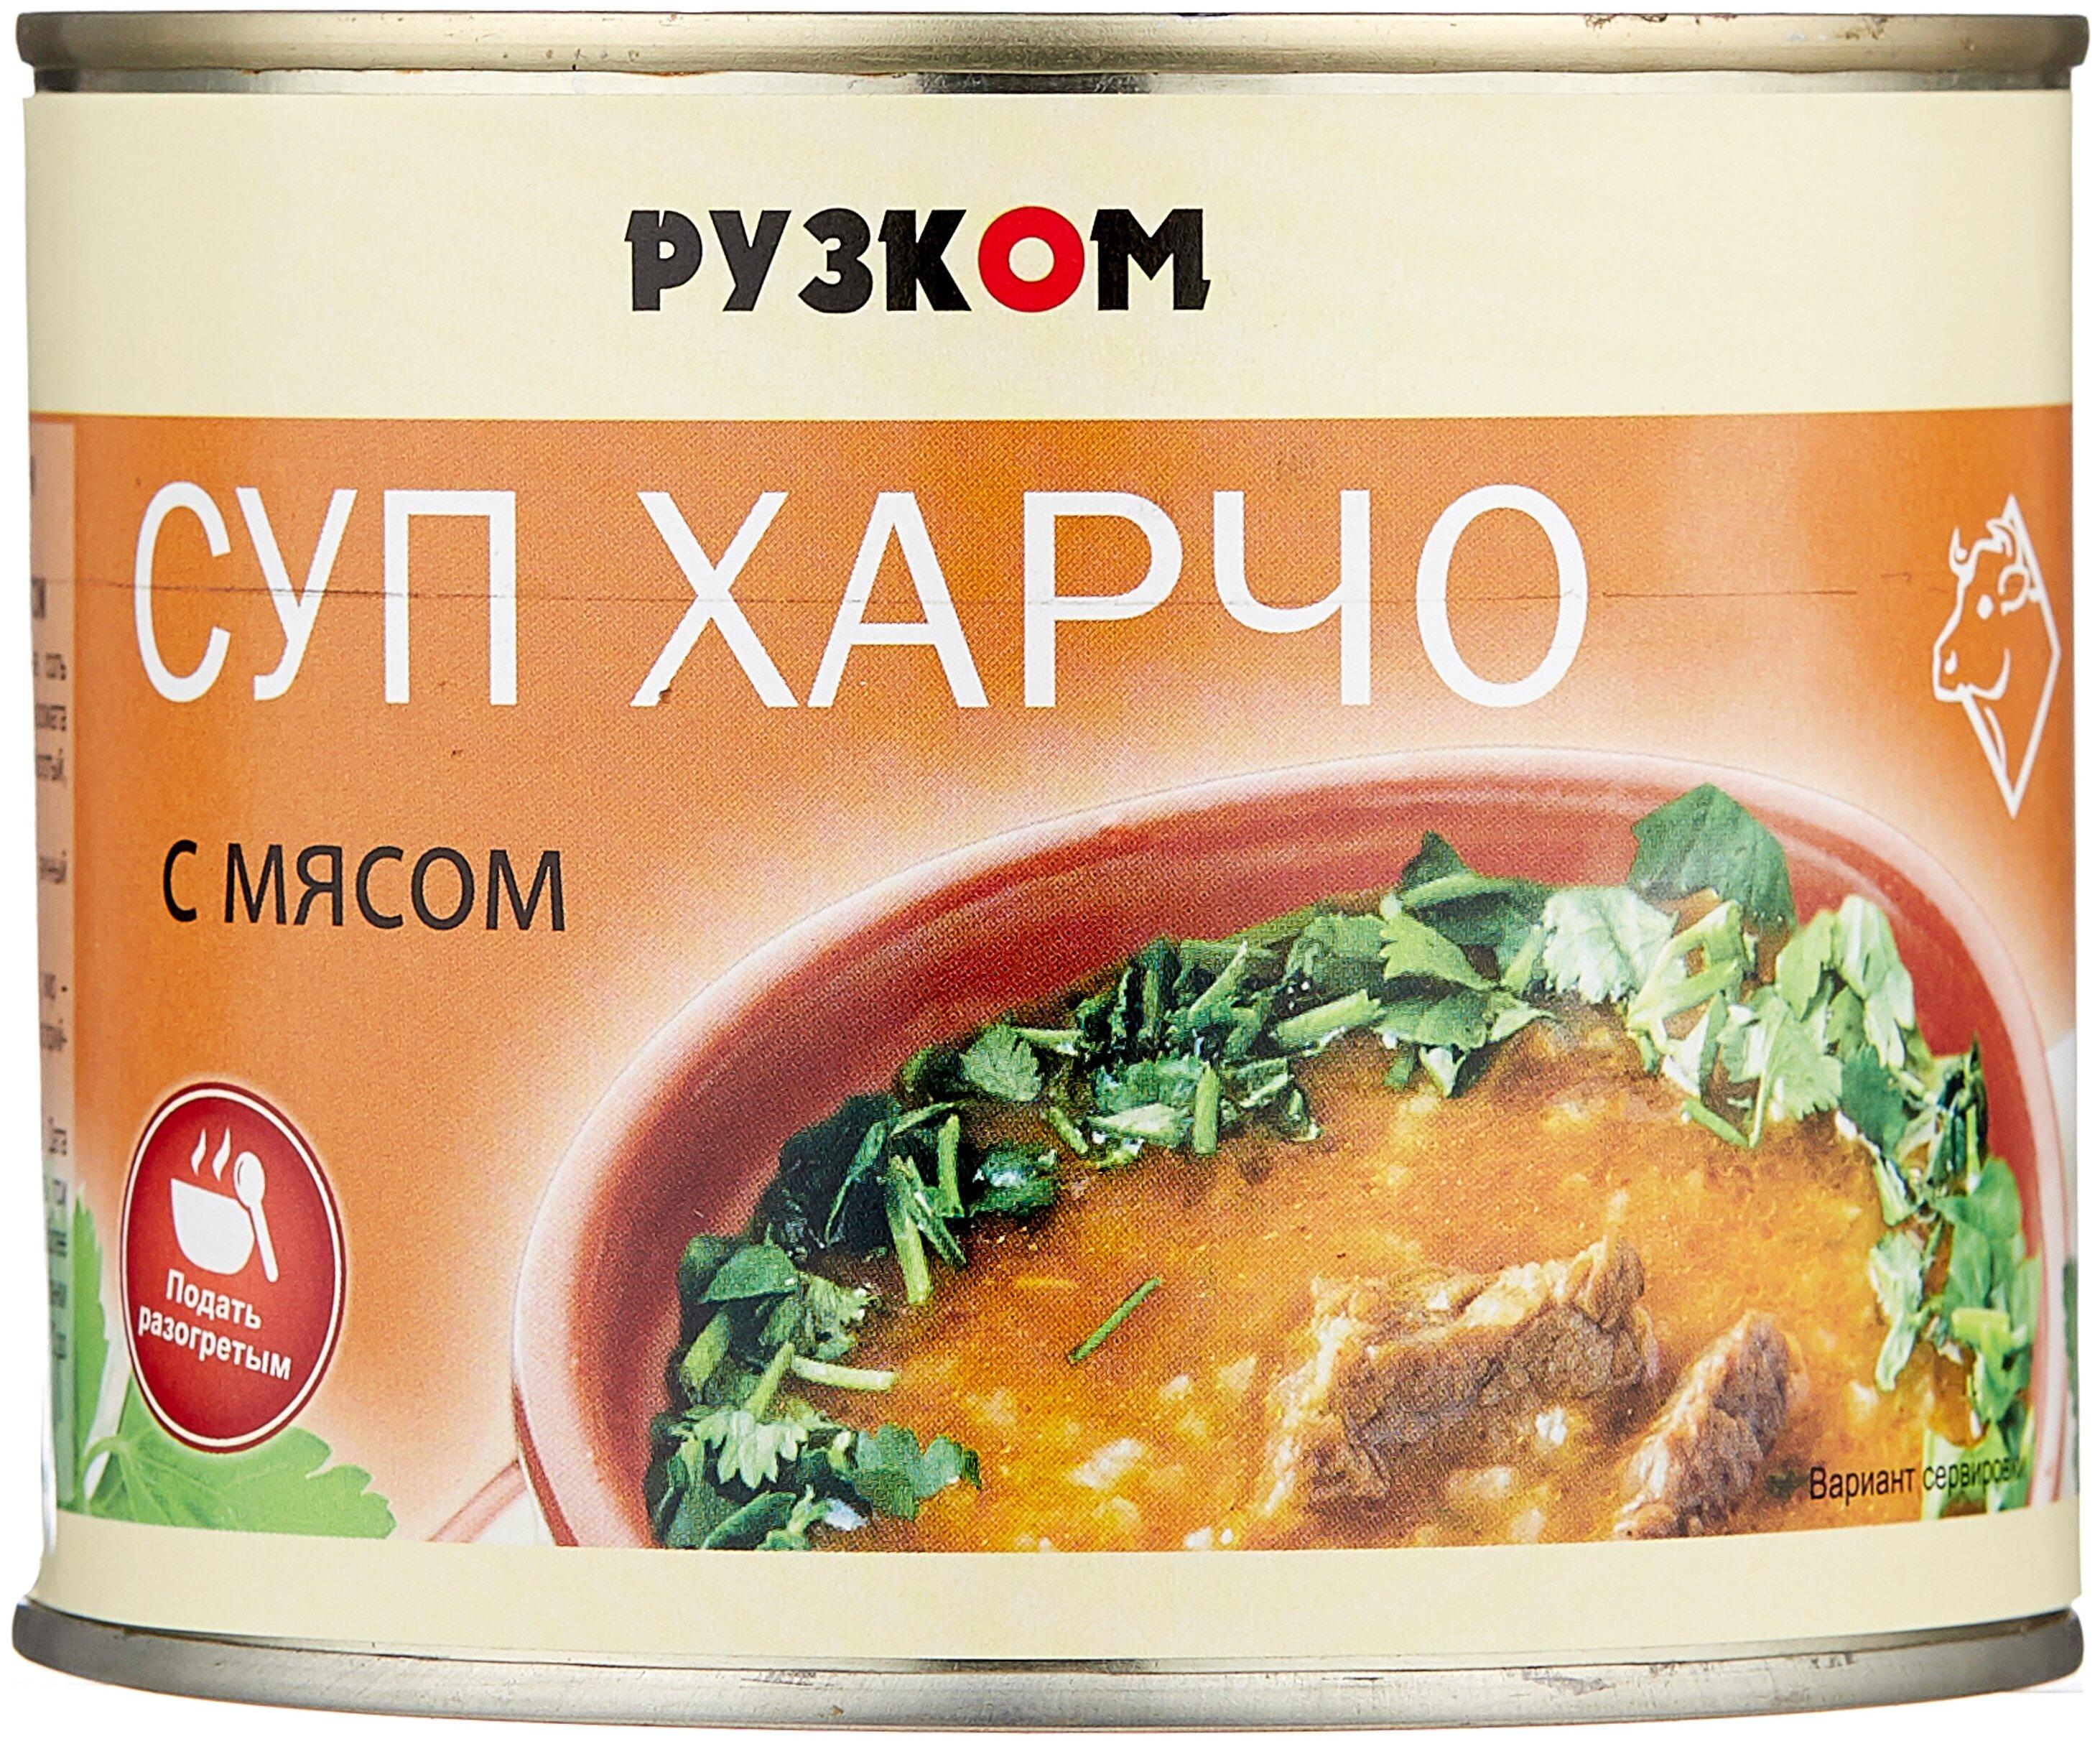 Купить вкусные готовые блюда в интернет-магазине «ОКРАИНА»